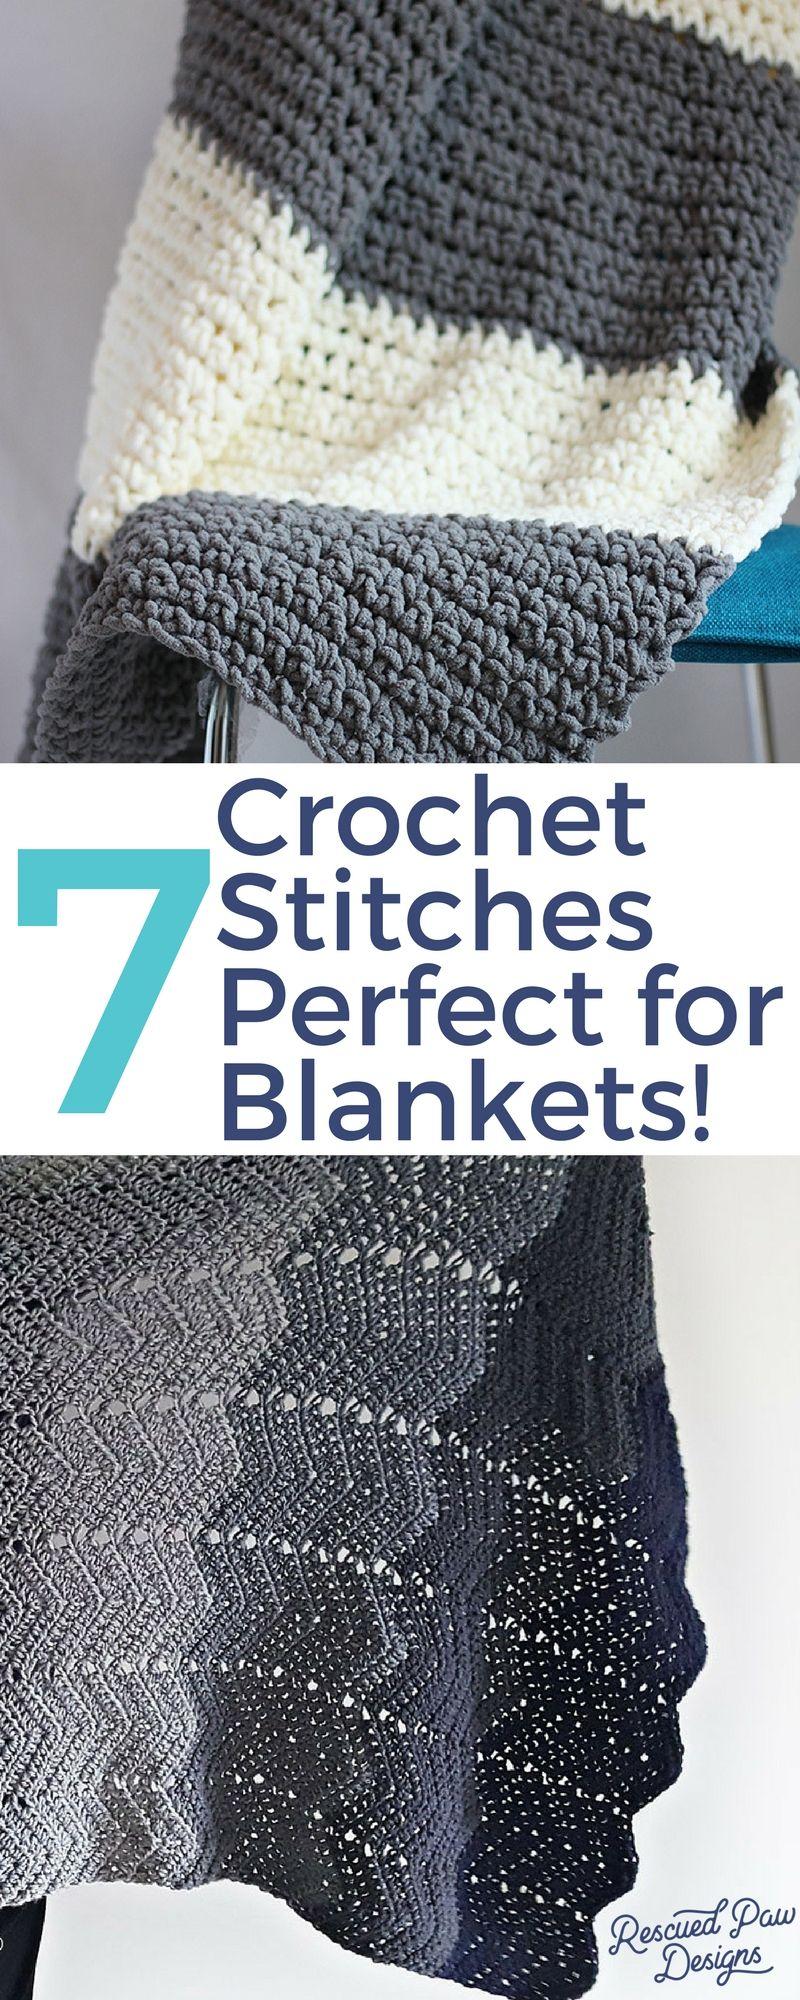 Crochet Stitches for Blankets | Pinterest | Simple crochet, Blanket ...